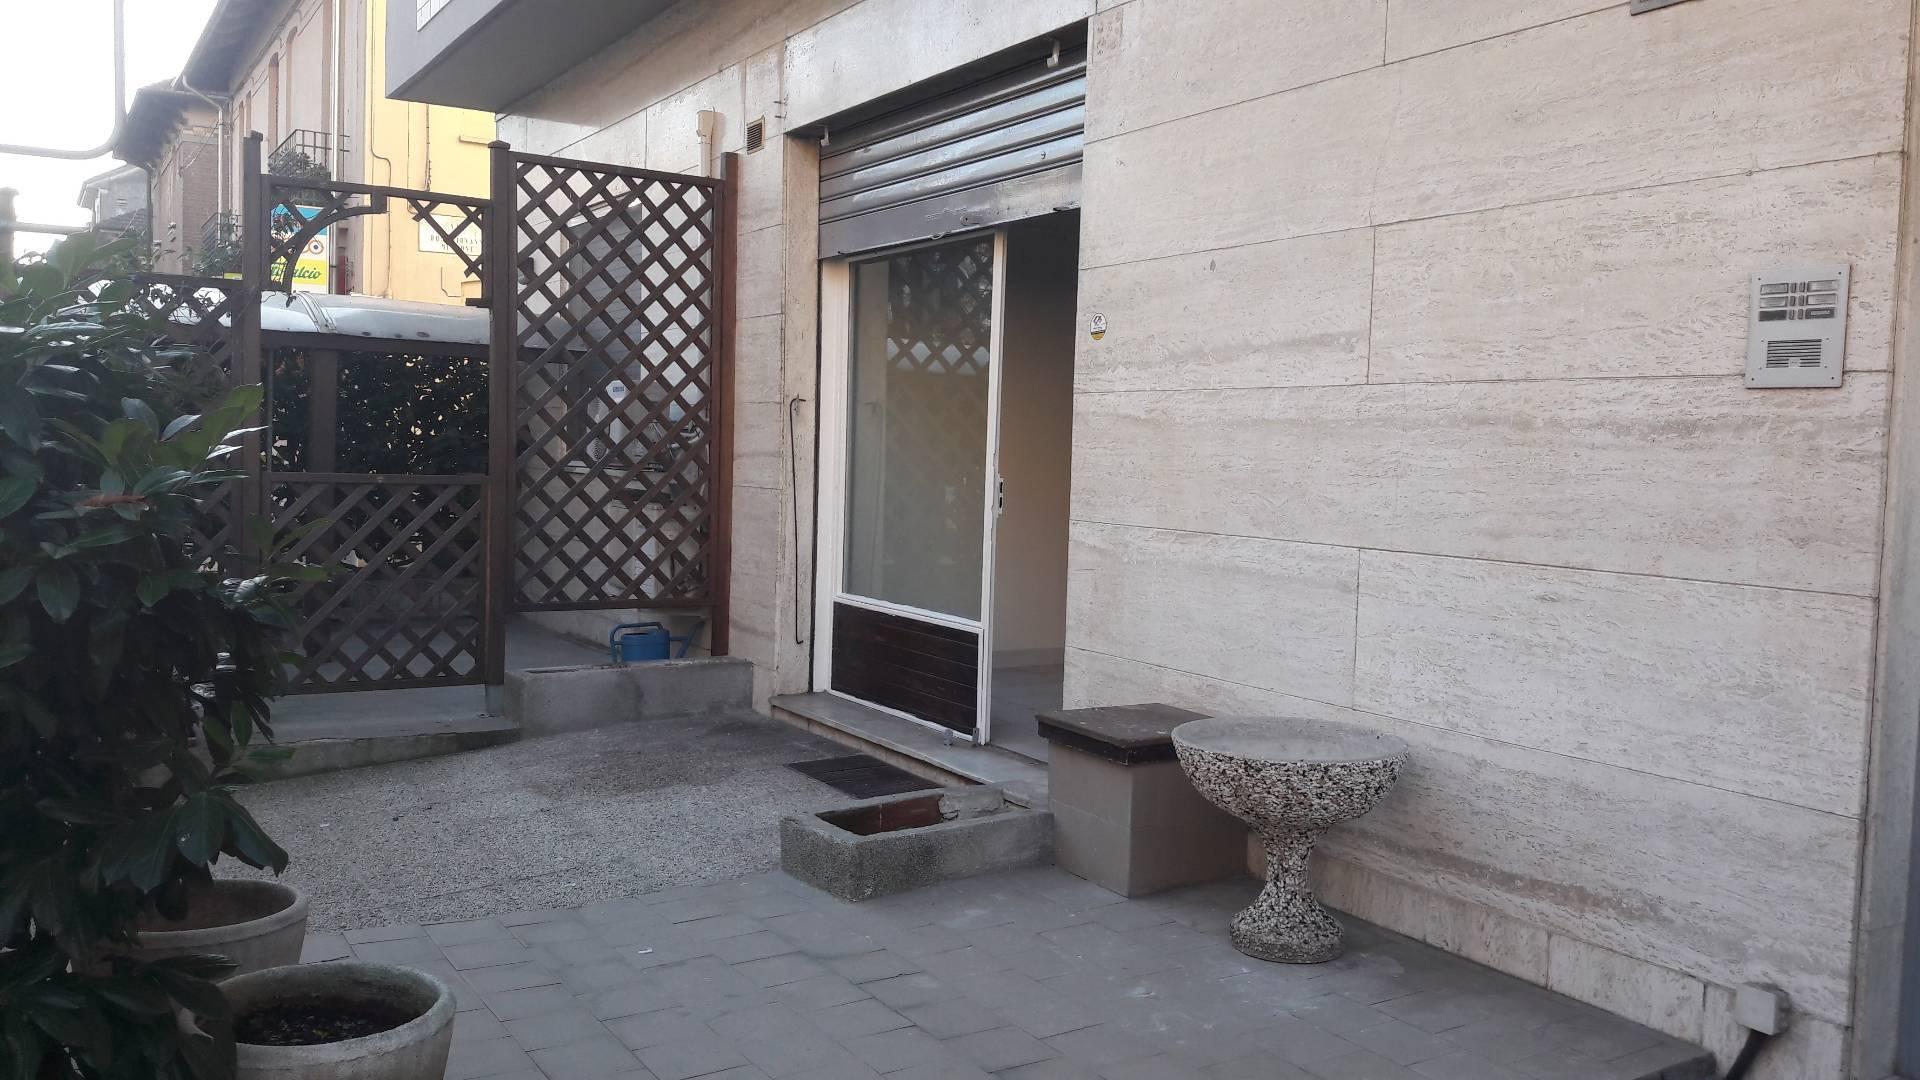 Negozio / Locale in affitto a Casale Monferrato, 9999 locali, prezzo € 400 | PortaleAgenzieImmobiliari.it